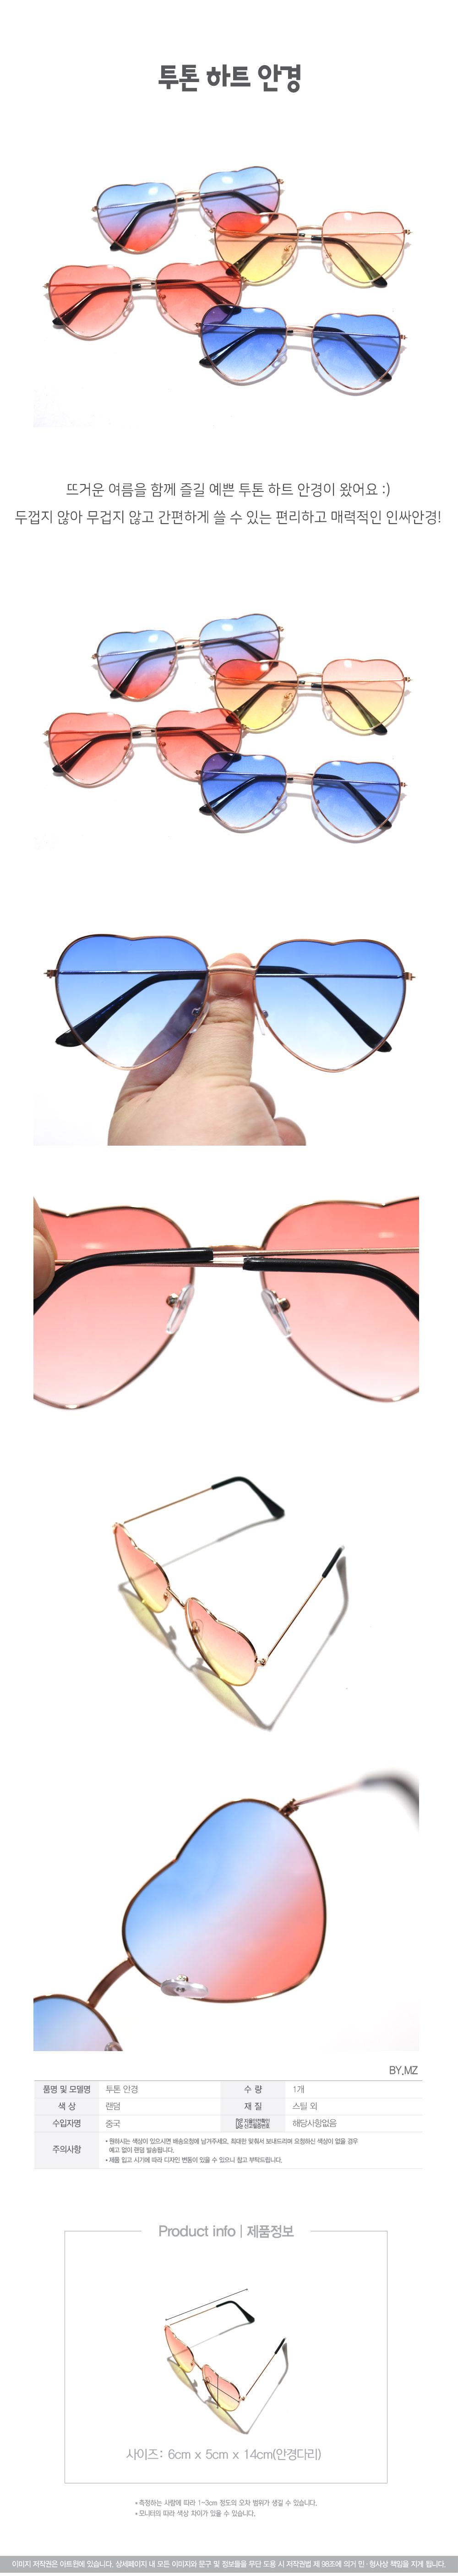 3000투톤하트안경 - 아트윈, 3,000원, 안경/선글라스, 선글라스